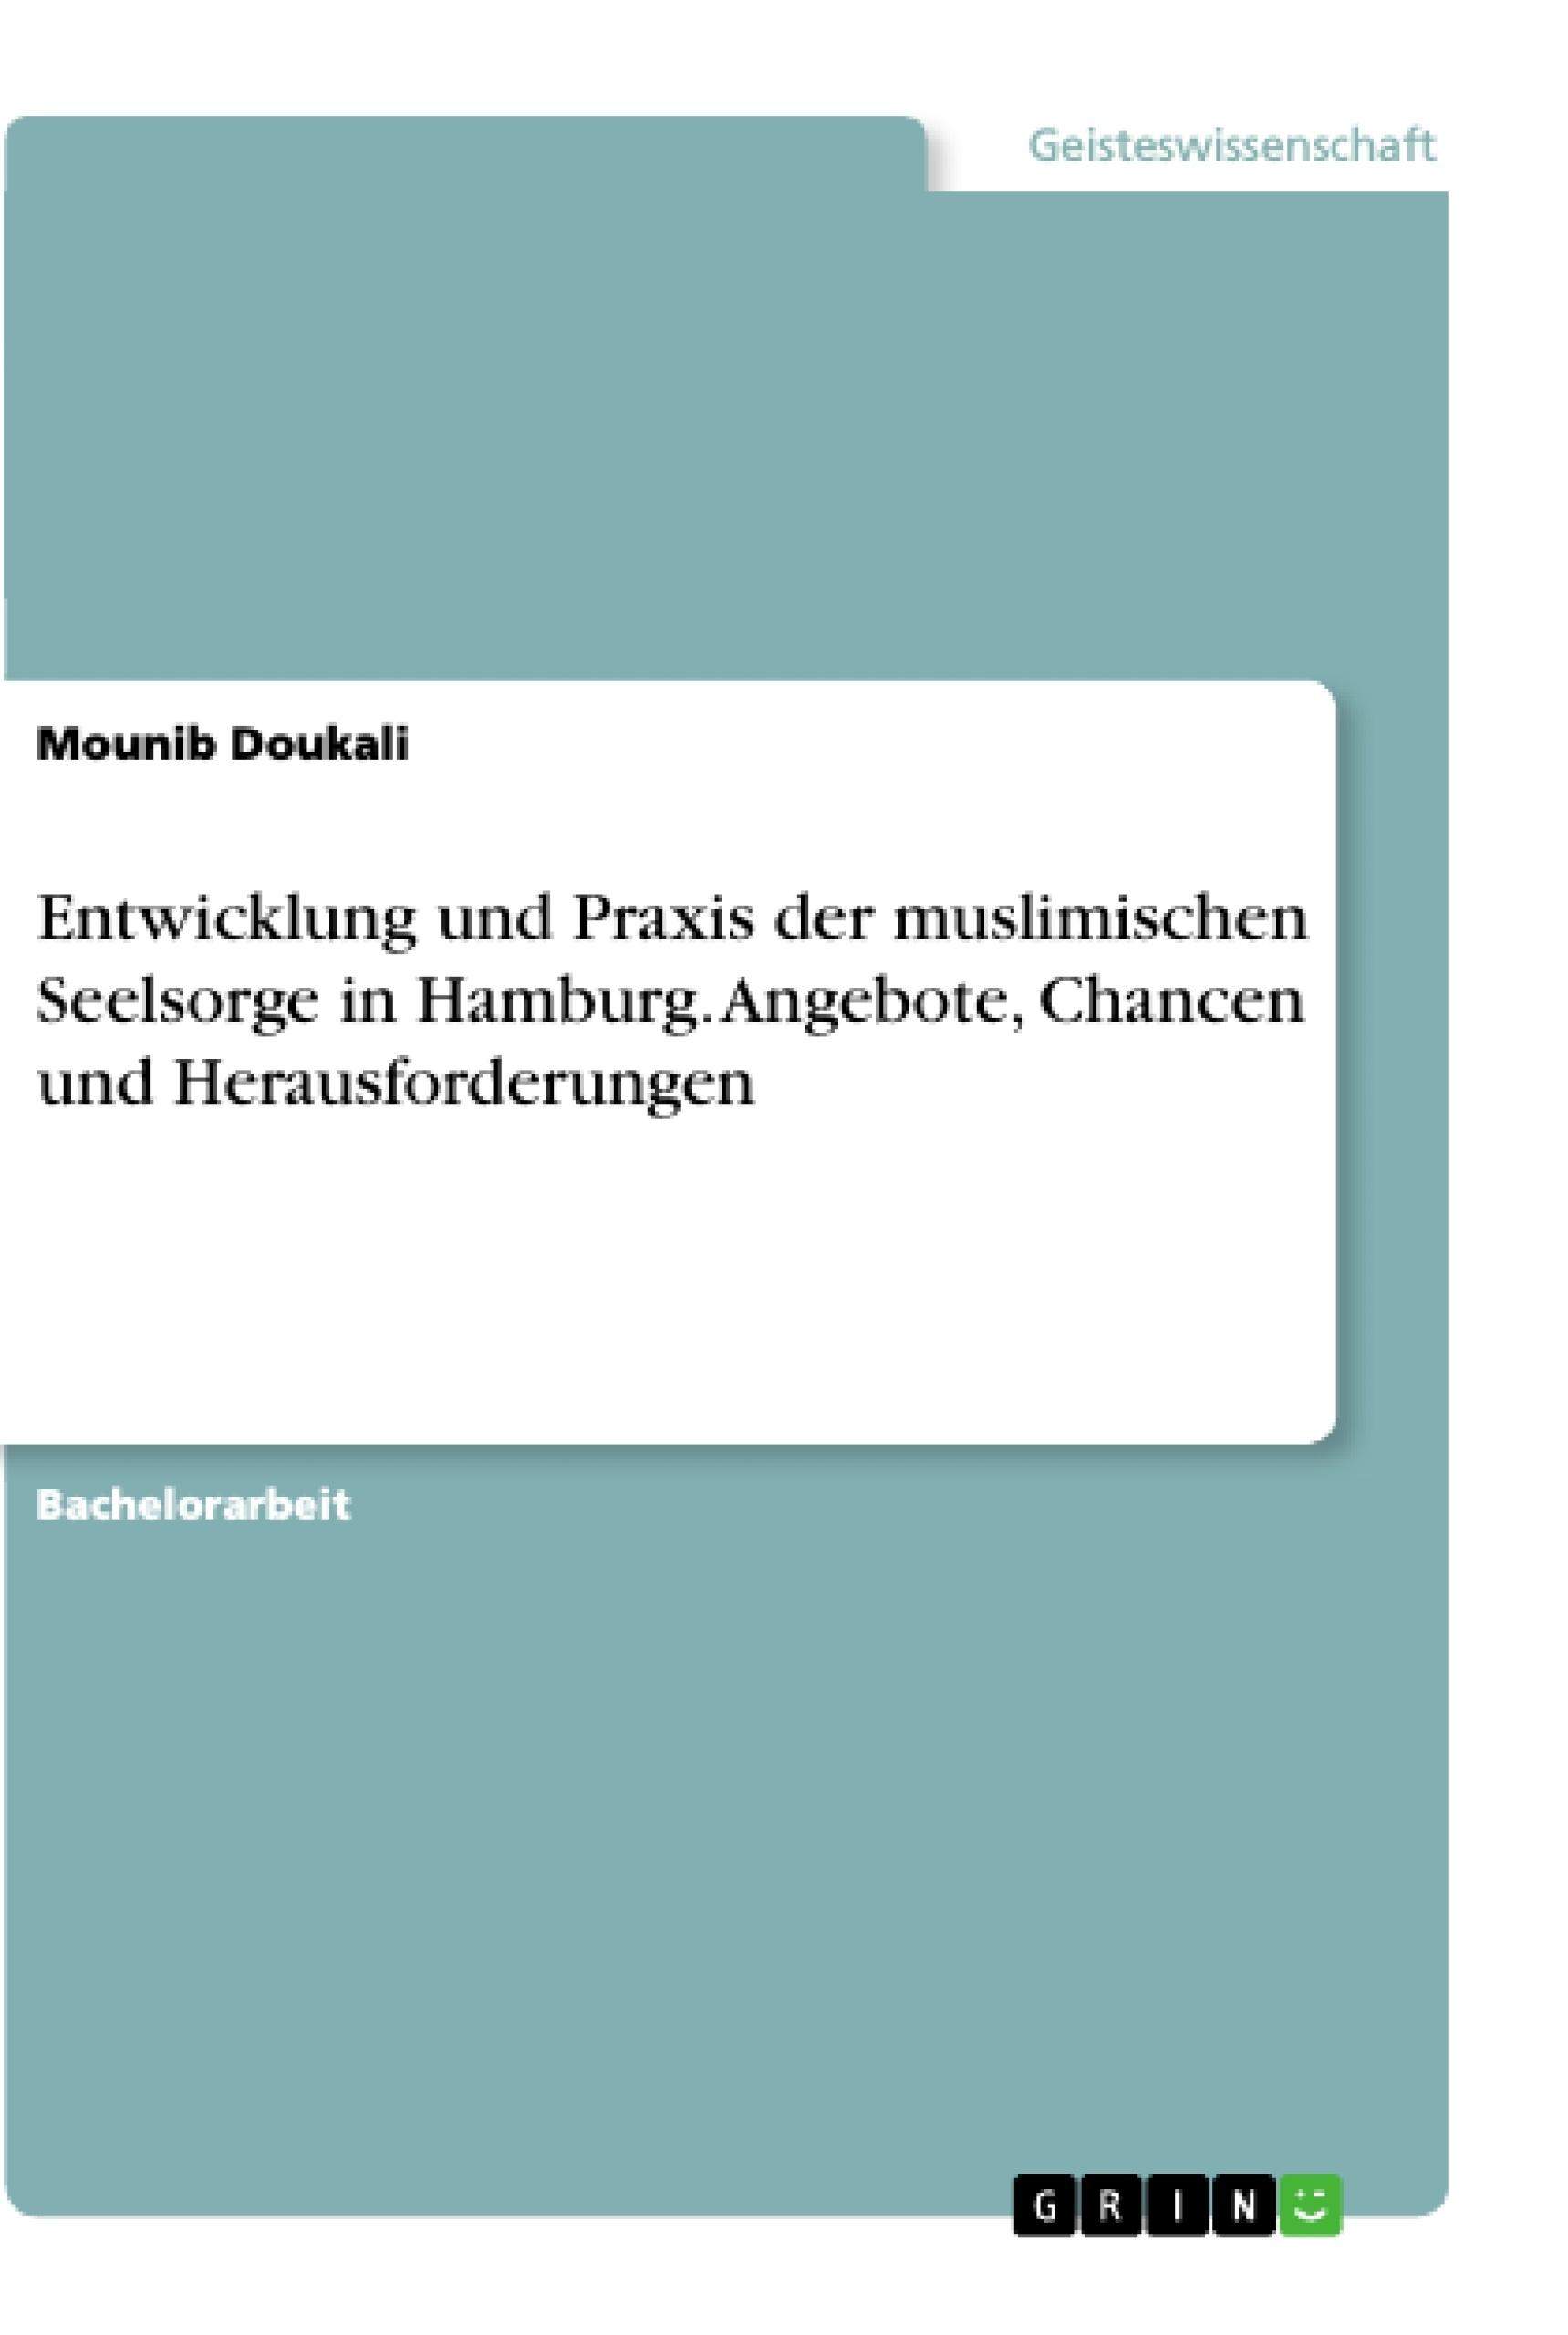 Titel: Entwicklung und Praxis der muslimischen Seelsorge in Hamburg. Angebote, Chancen und Herausforderungen